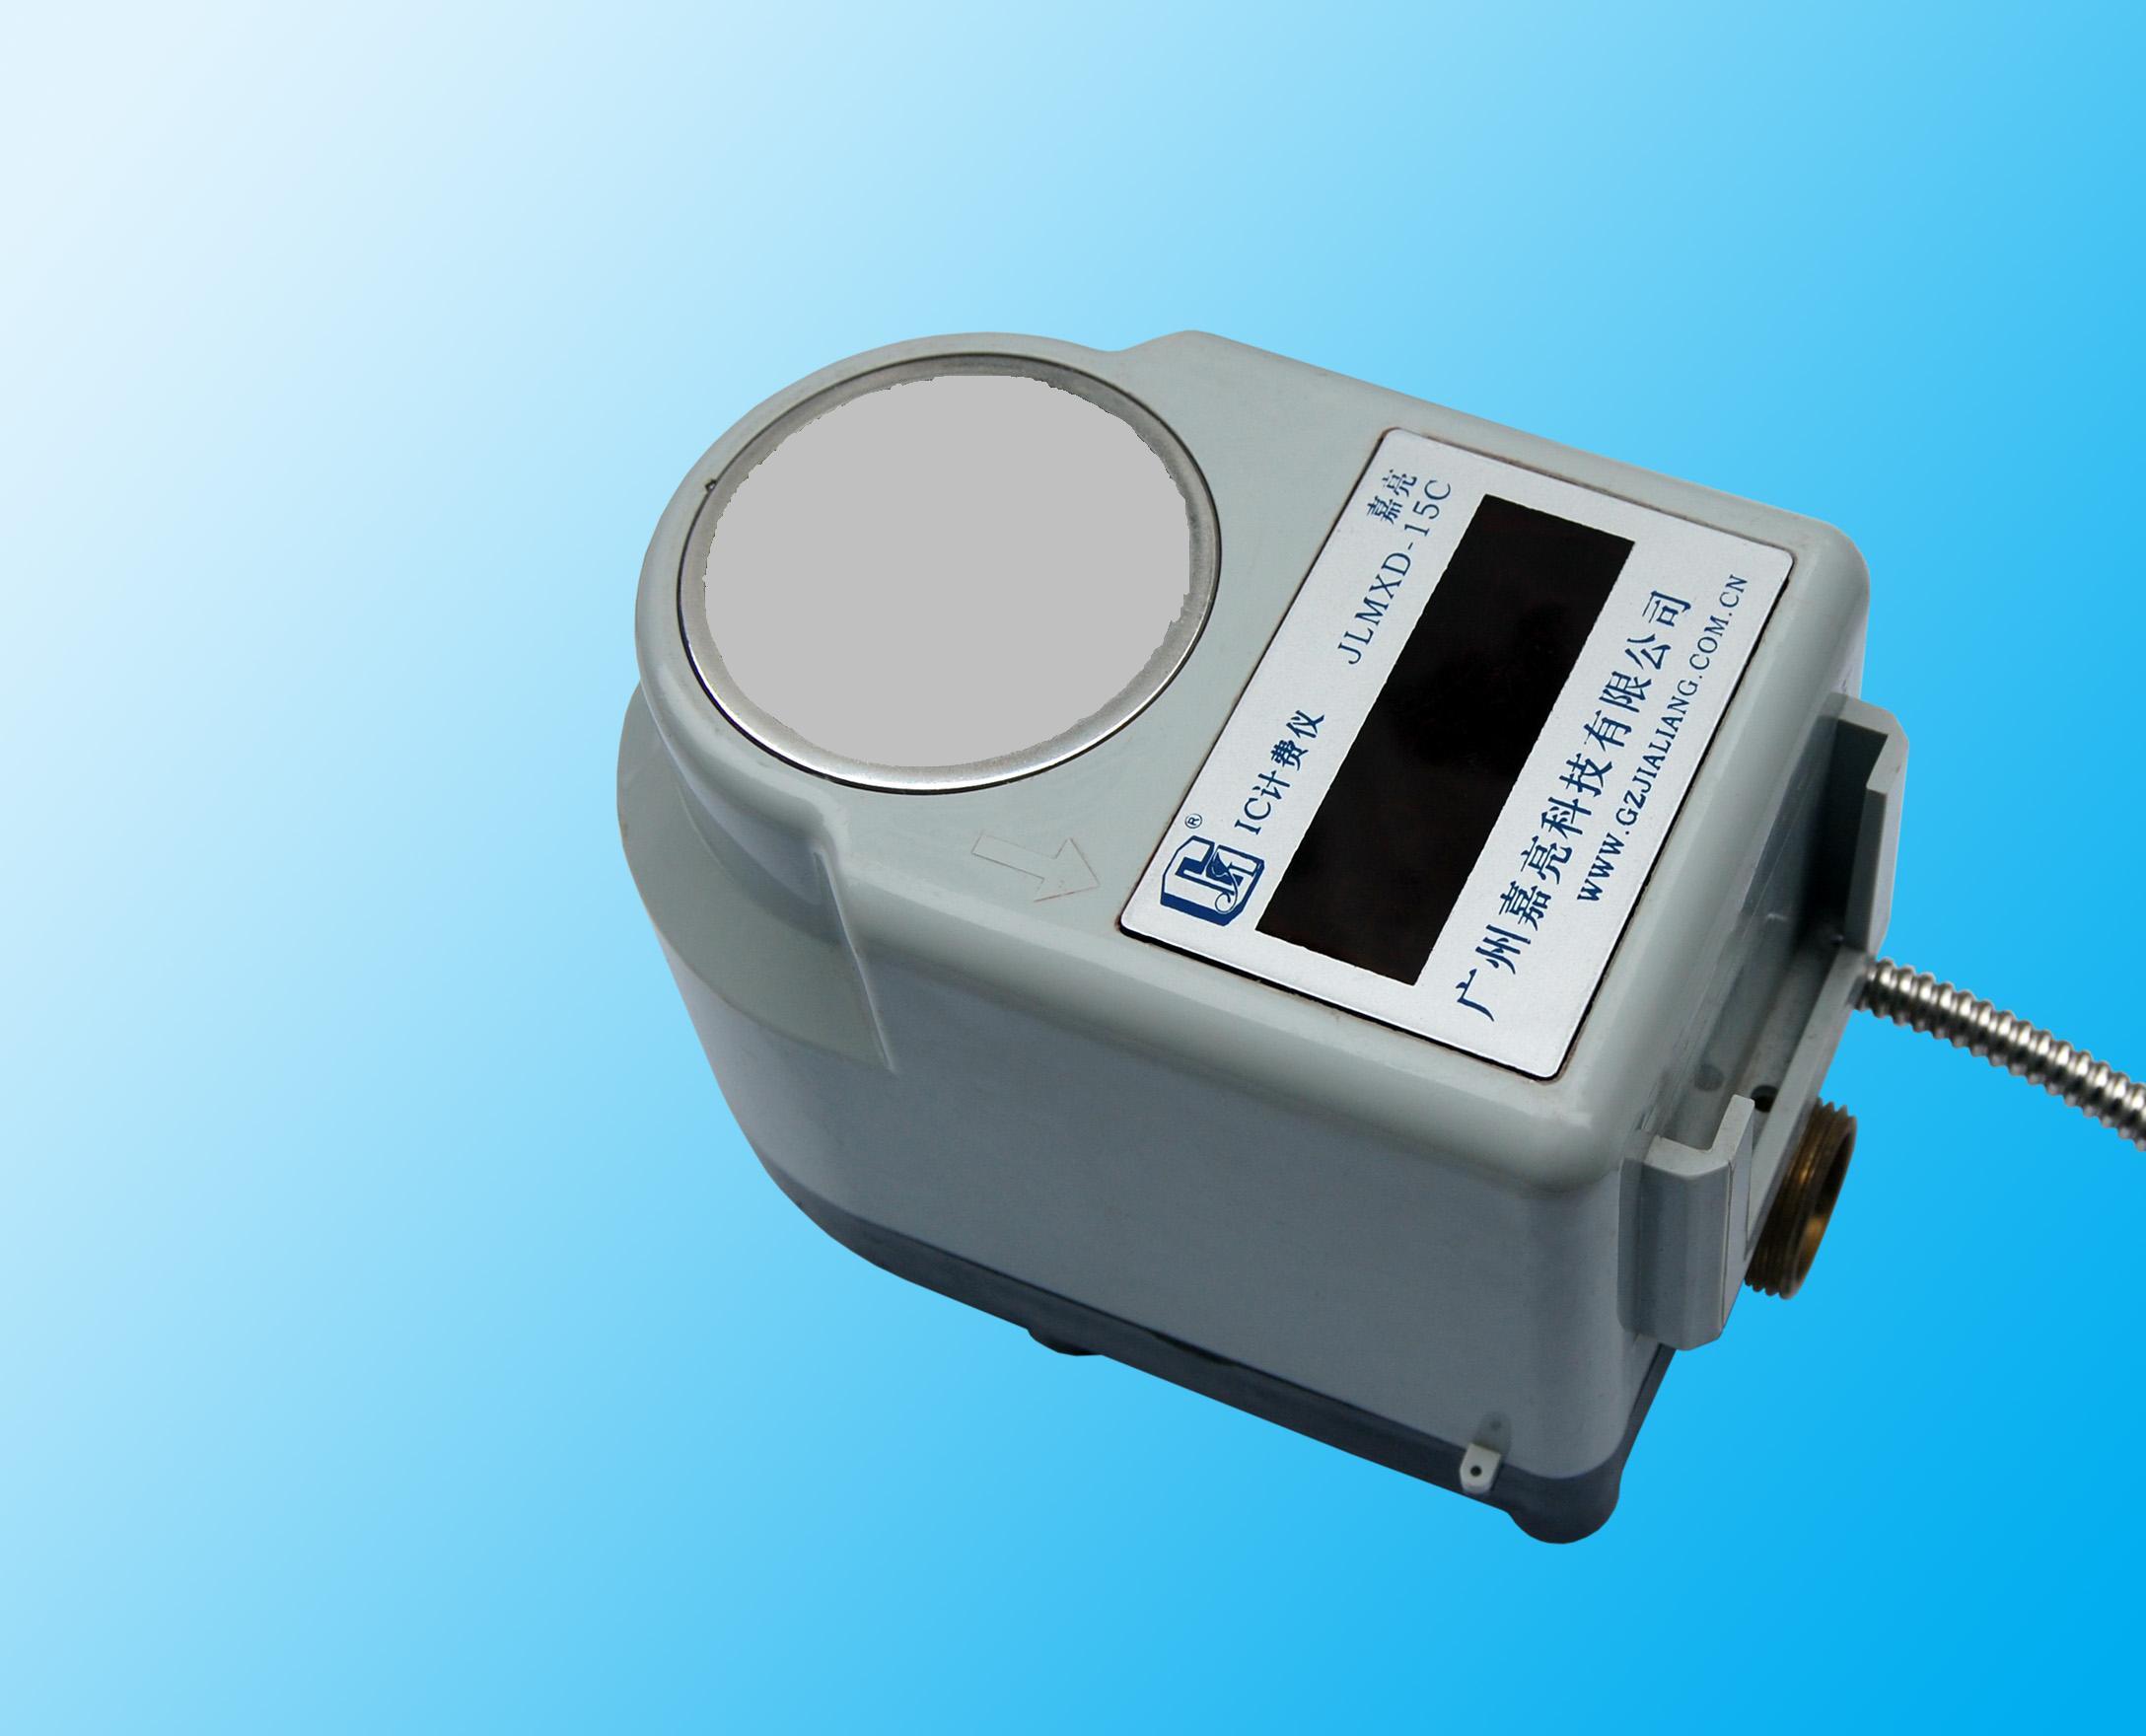 稳定性温度水控机一体限量图片/稳定性温度水控机一体限量样板图